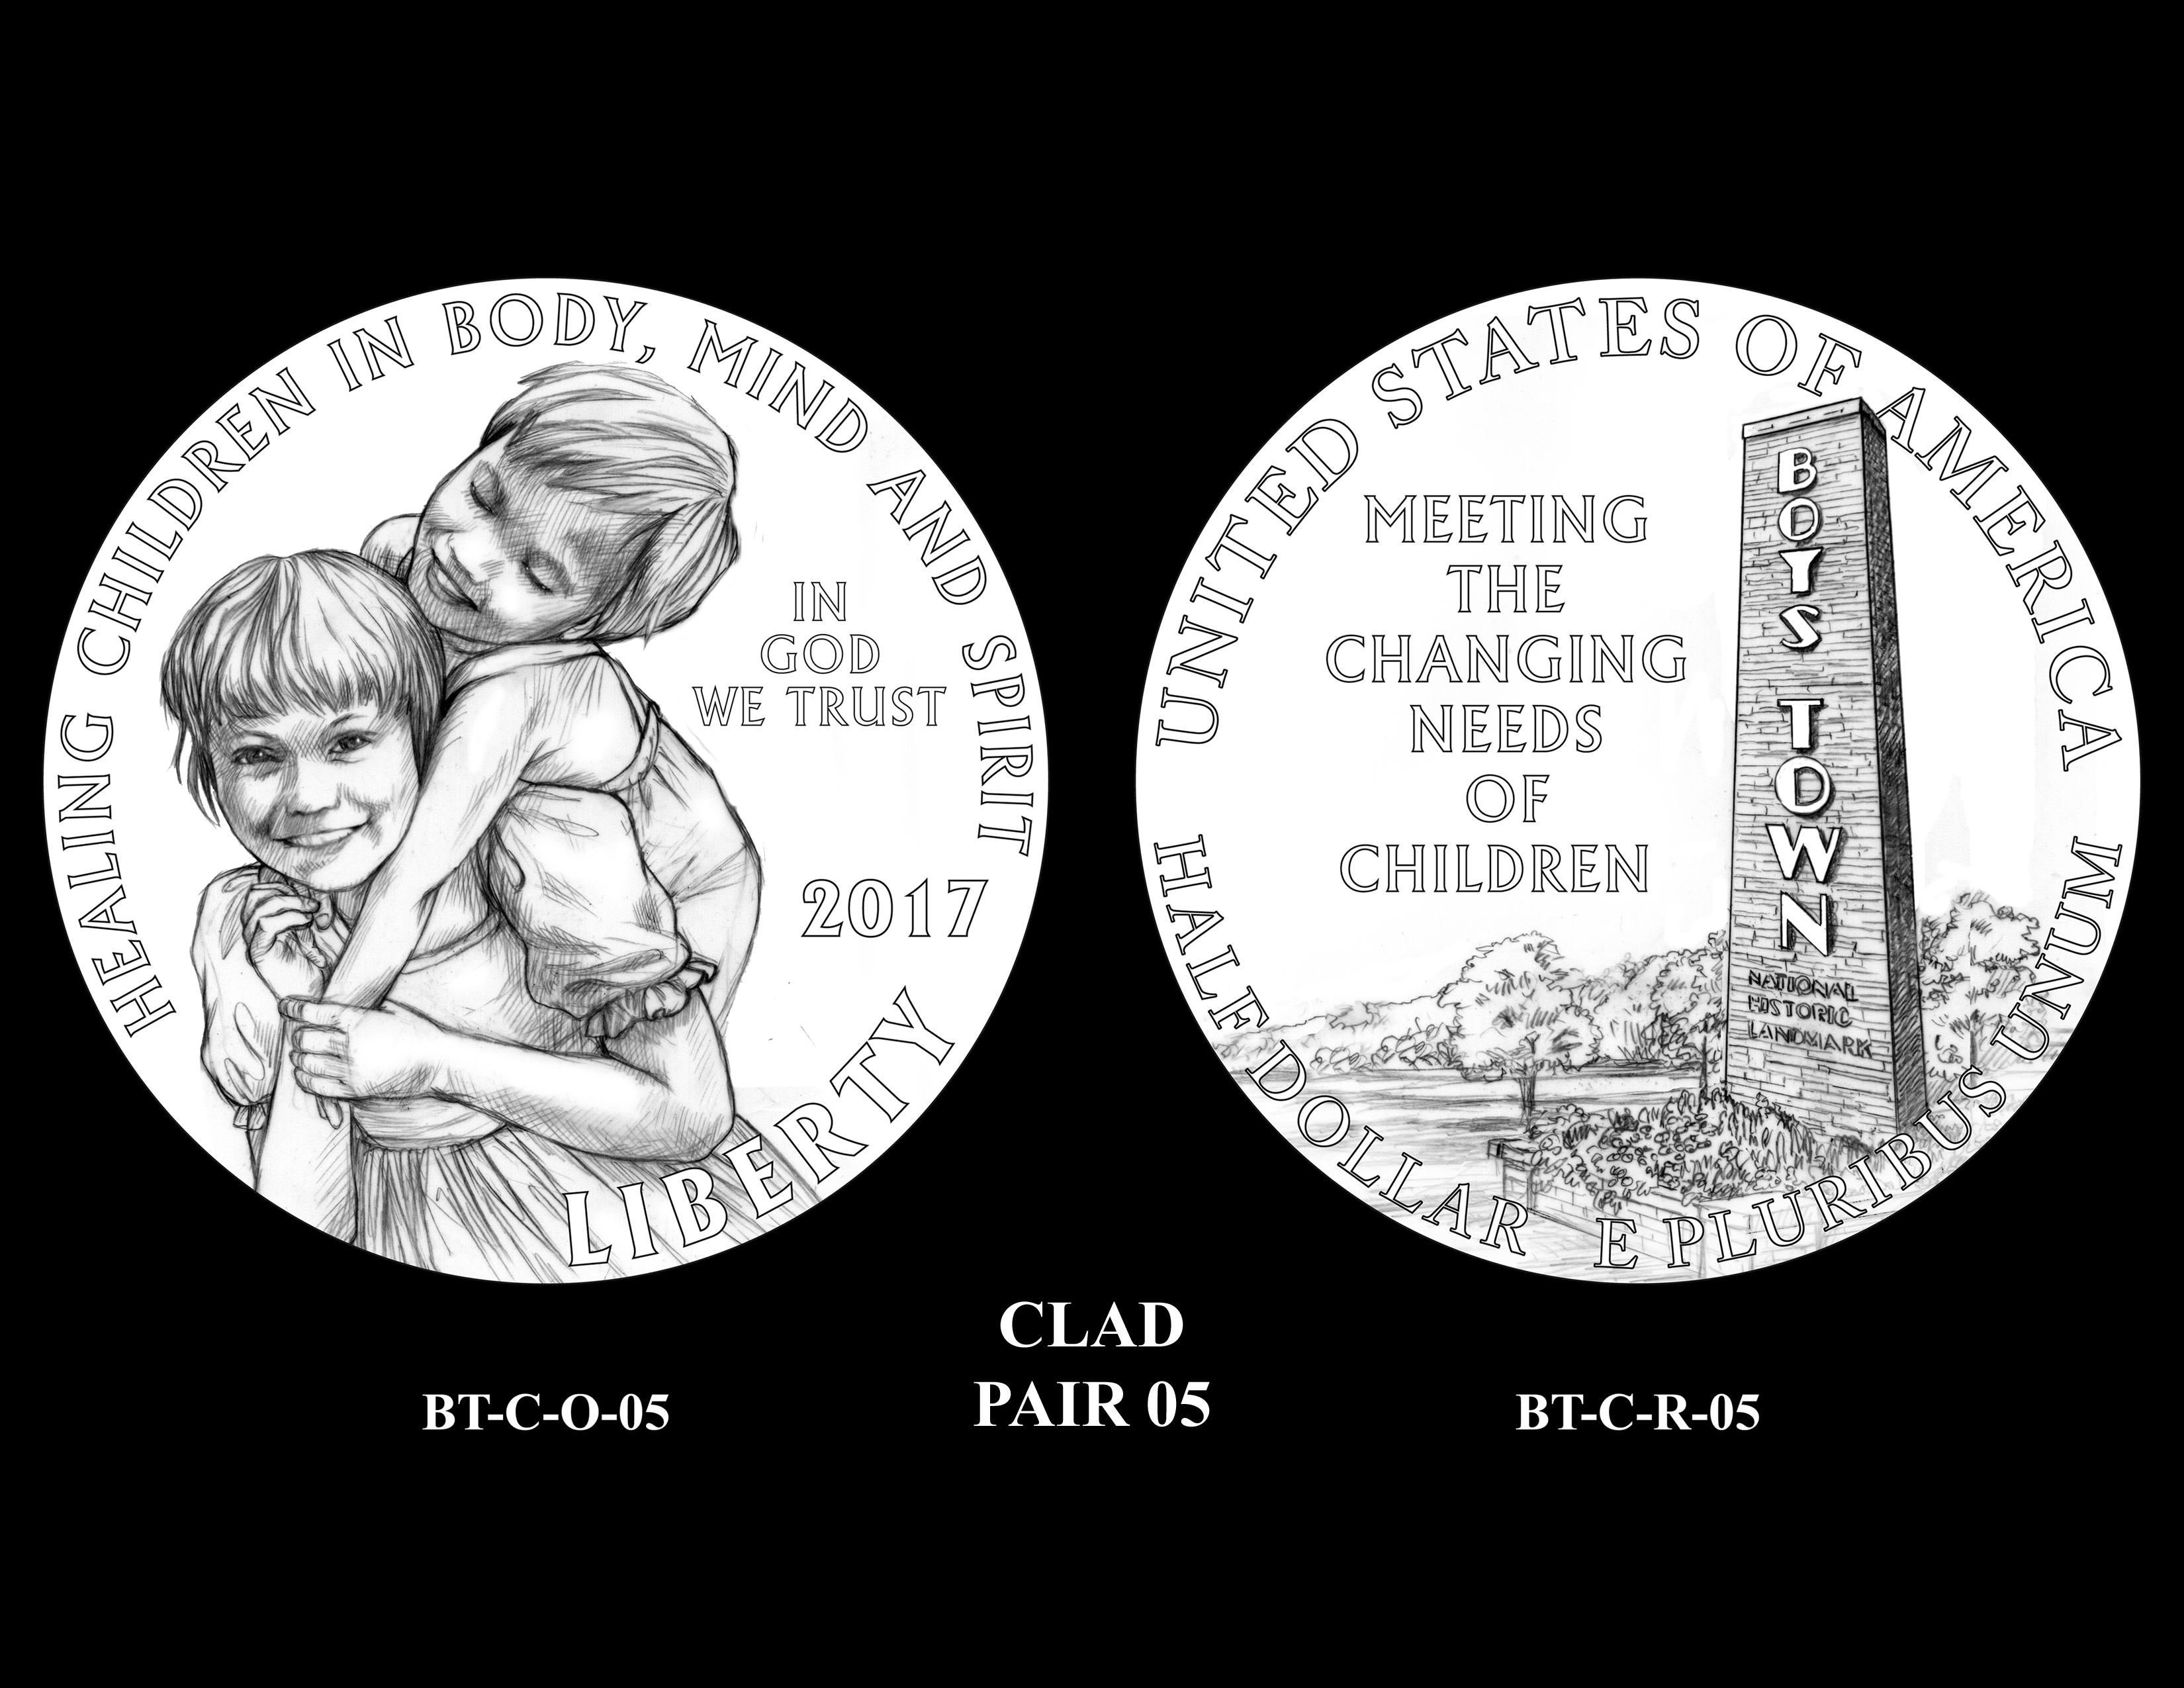 clad-pair-05_25072973204_o